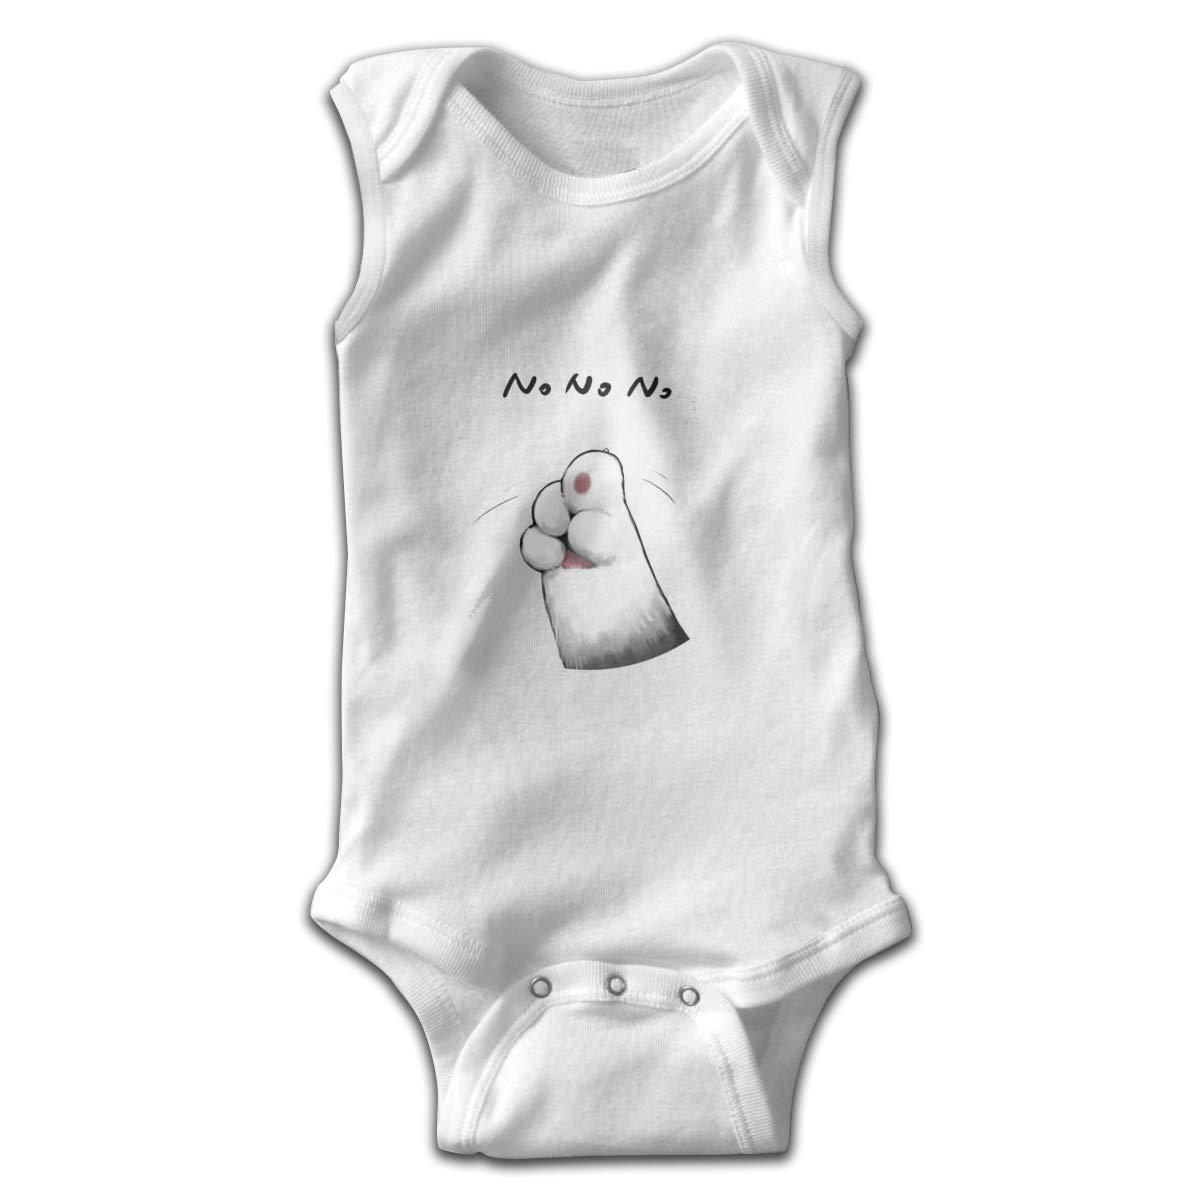 Cat No Gestures Smalls Baby Onesie,Infant Bodysuit Black